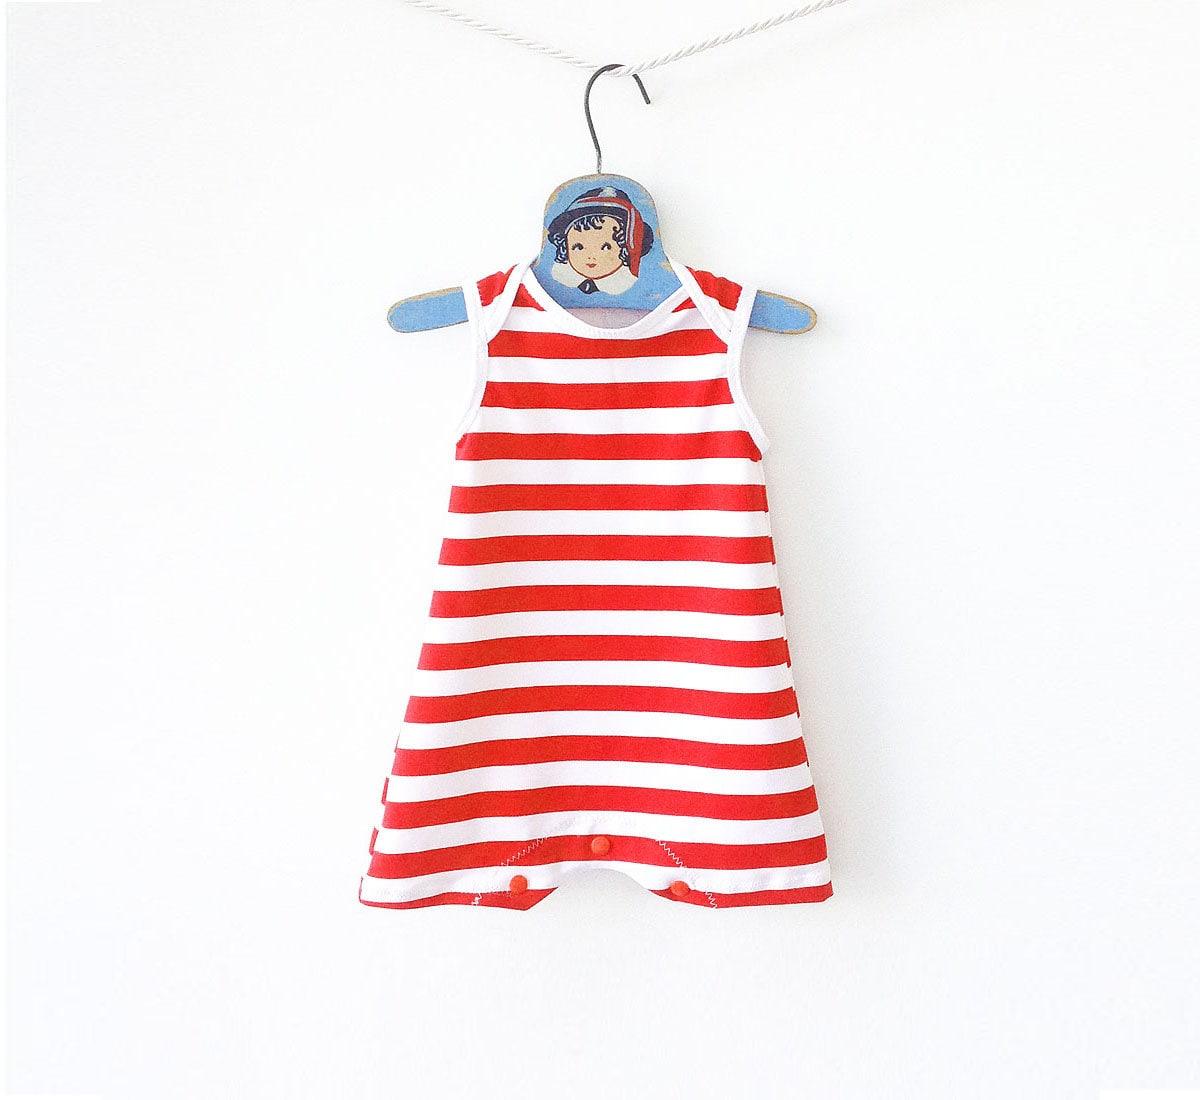 ad8ec7e75b4c9 Baby Swimsuit Unisex Retro Bathing Suit Girls One Piece | Etsy